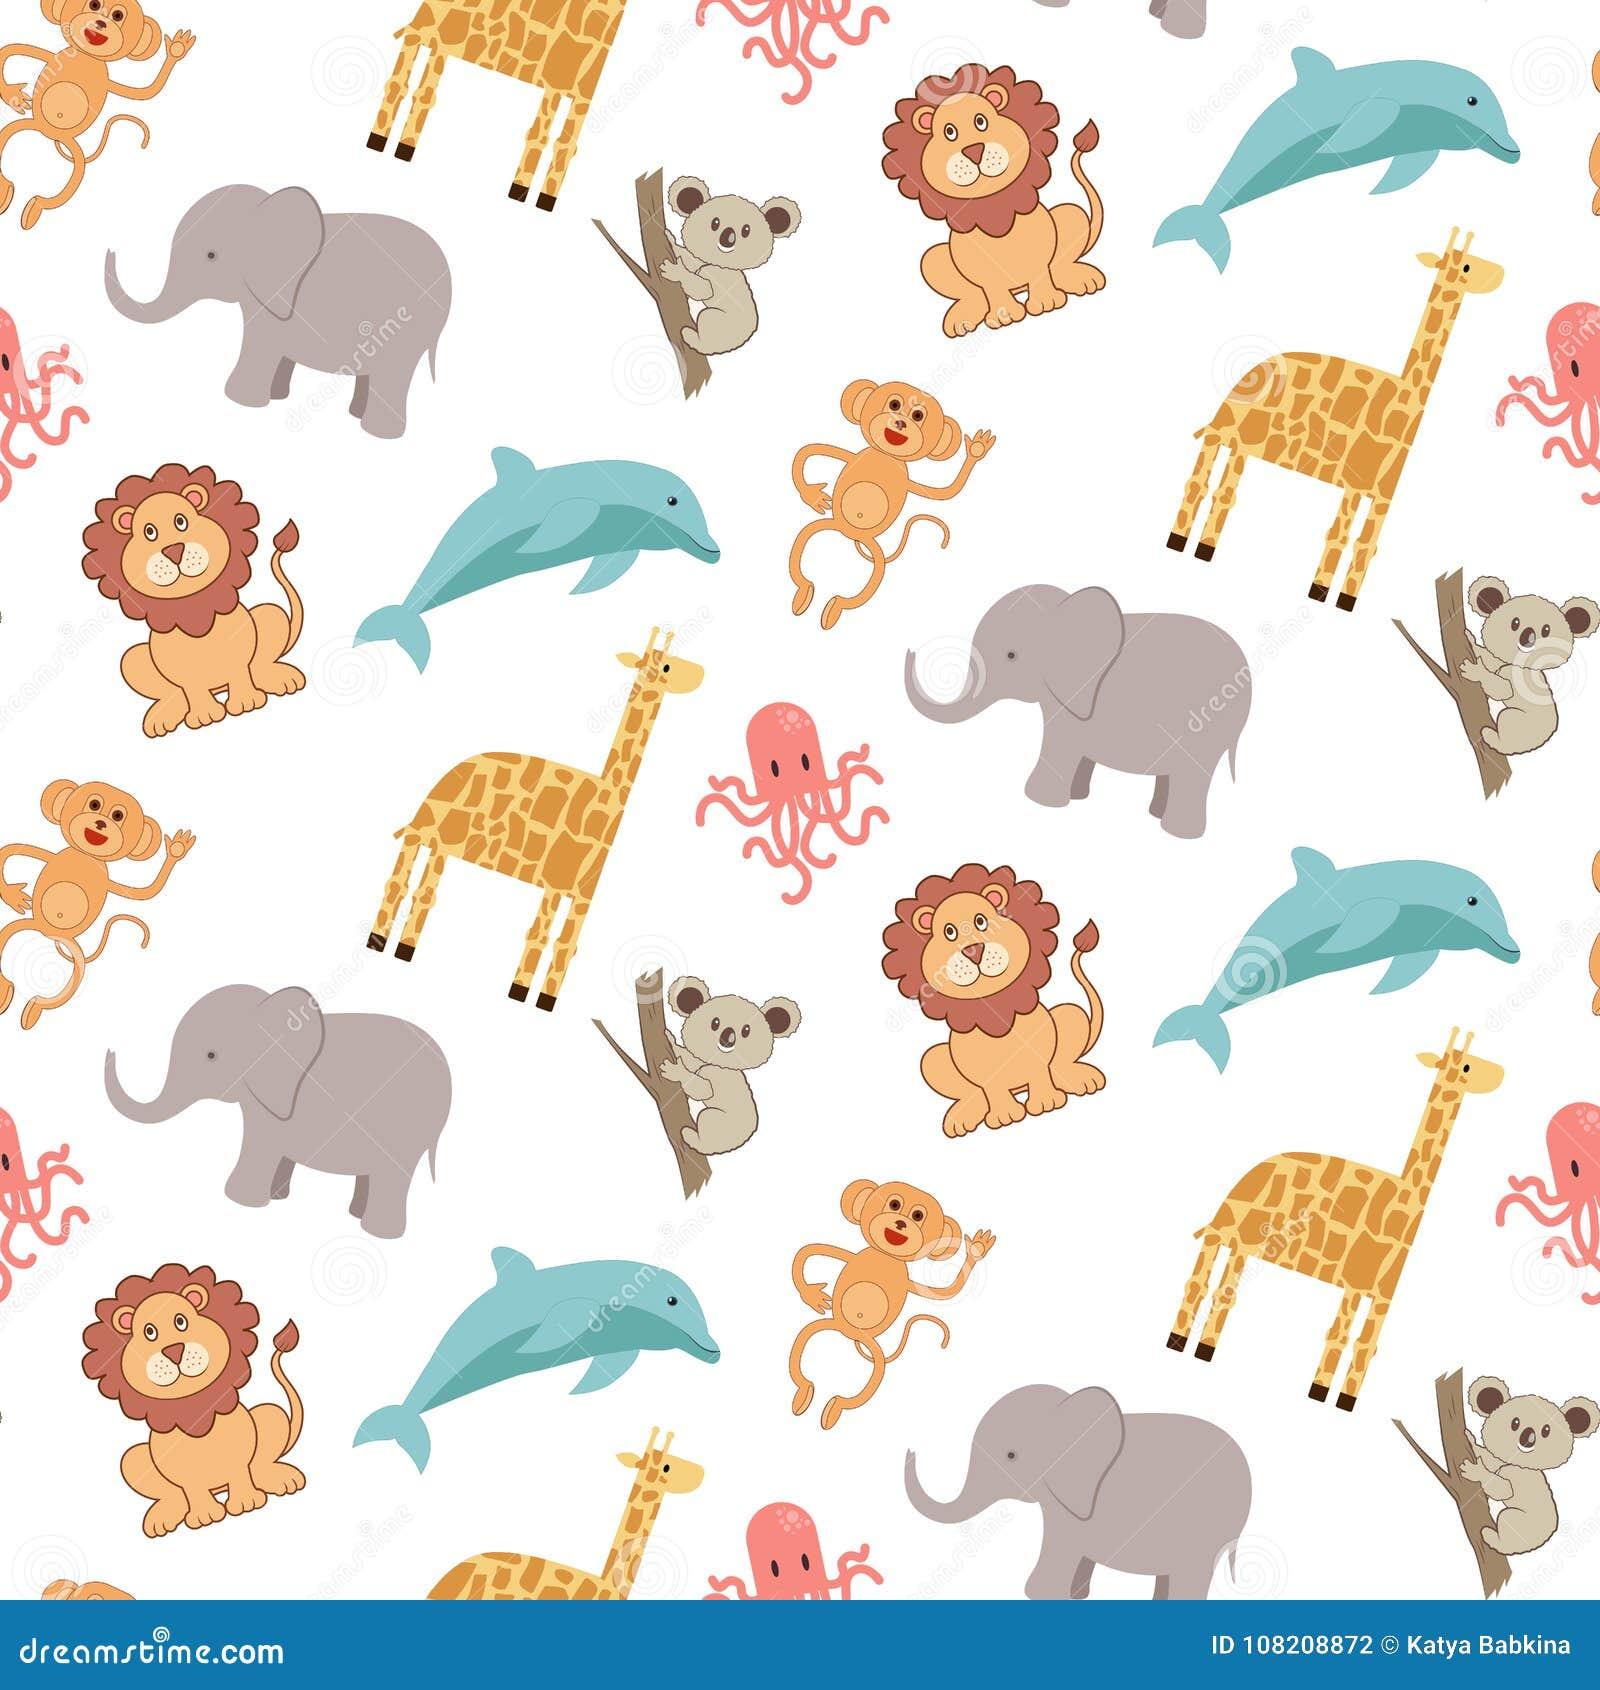 Leuk naadloos patroon met dieren: olifant, giraf, leeuw, aap, koala, dolfijn en octopus